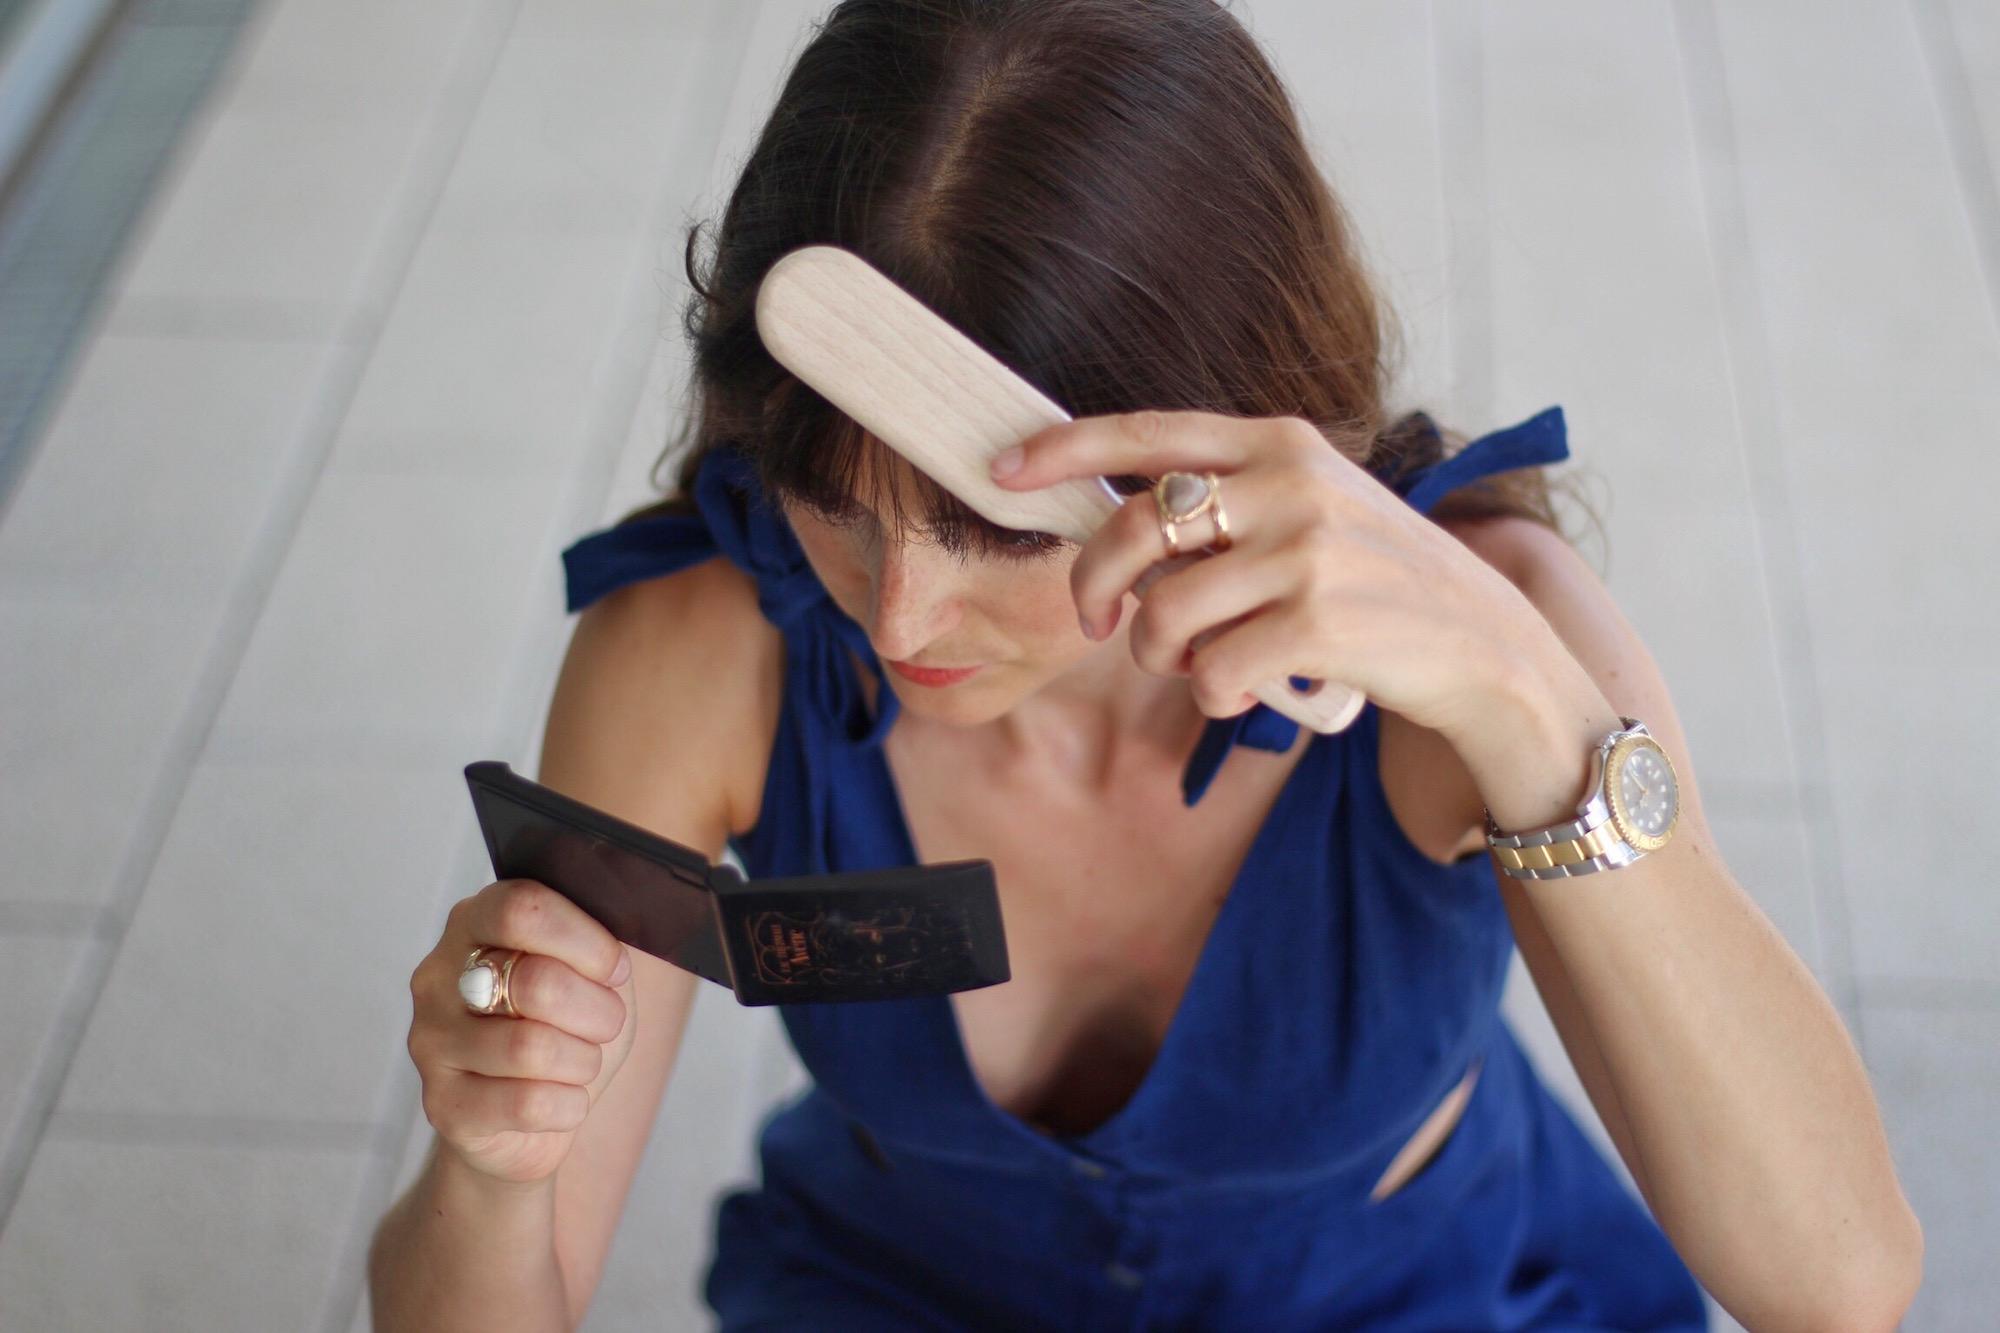 Cut Out Kleid von Zara in Midilänge kombiniert mit Céline Cabas Bag und Espadrilles Weges von H&M